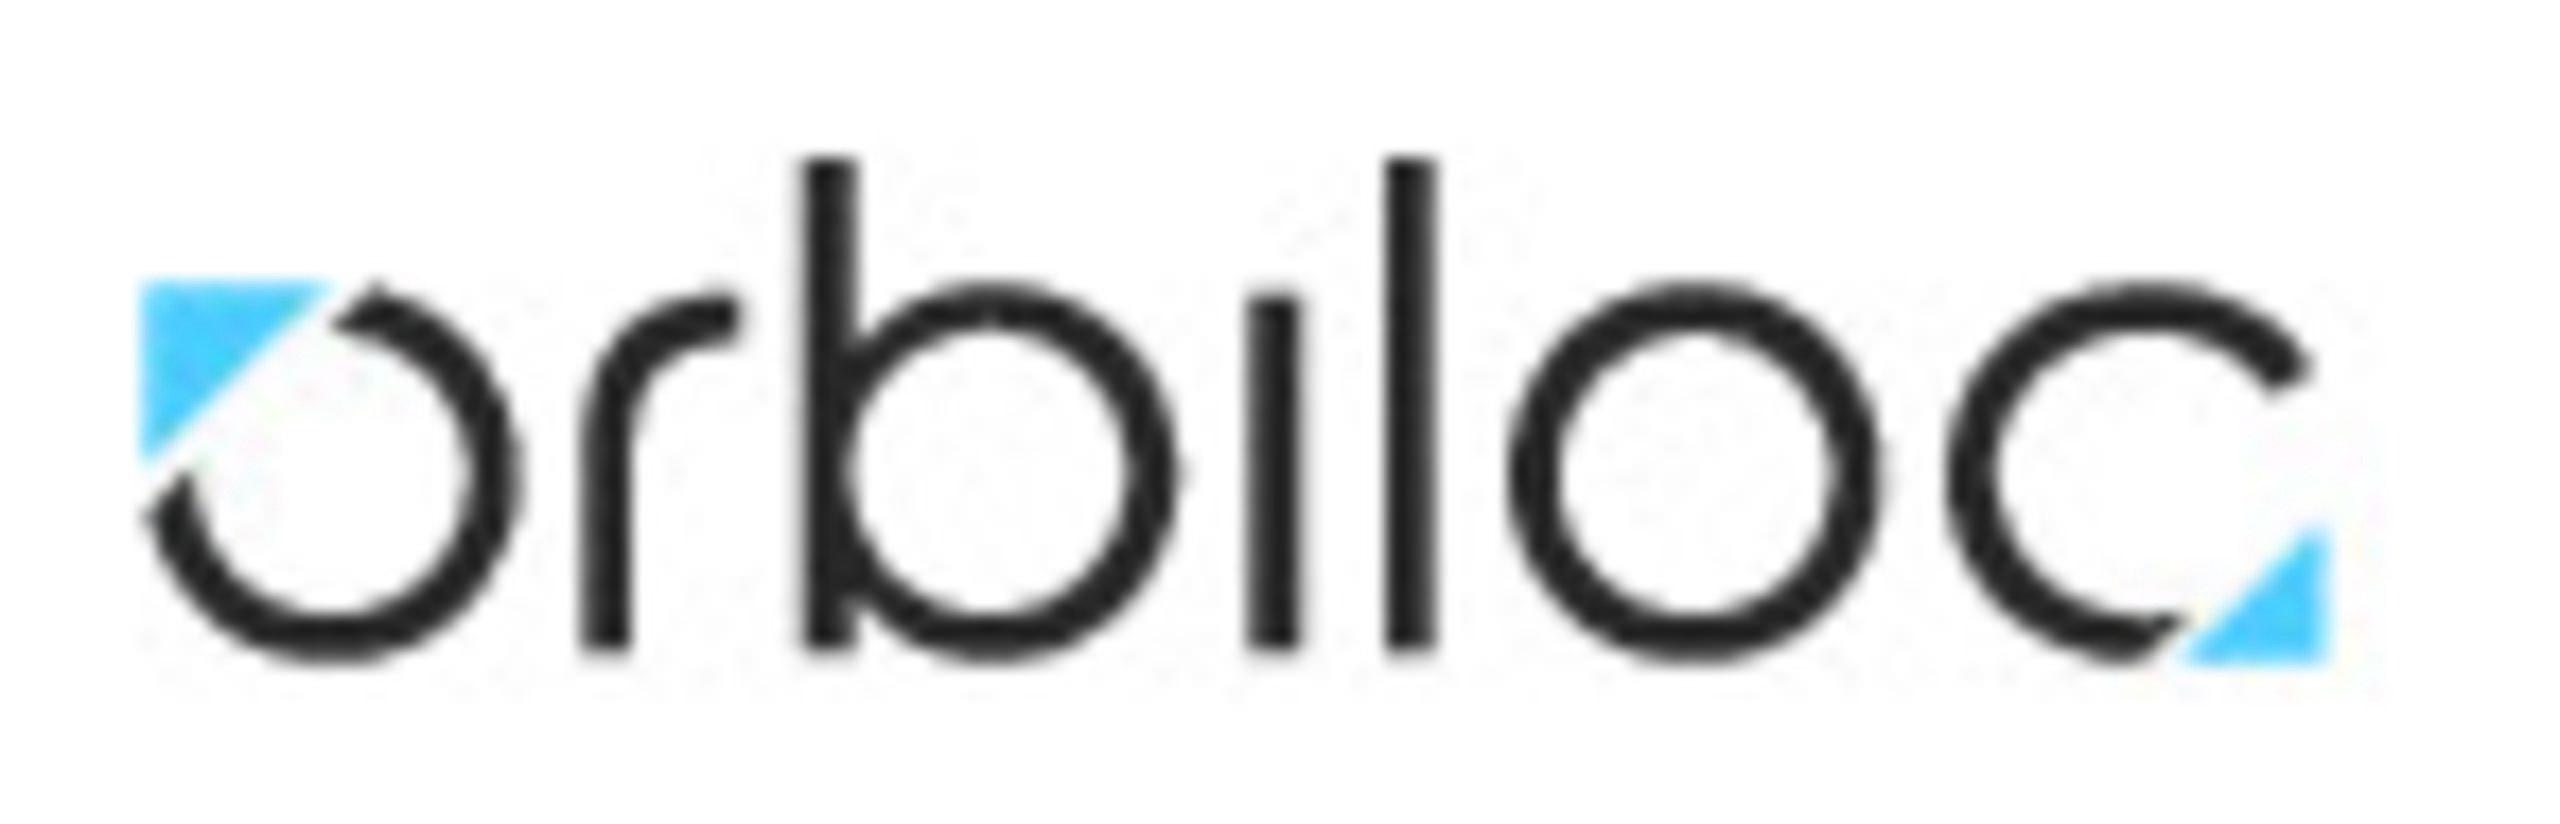 Orbiloc